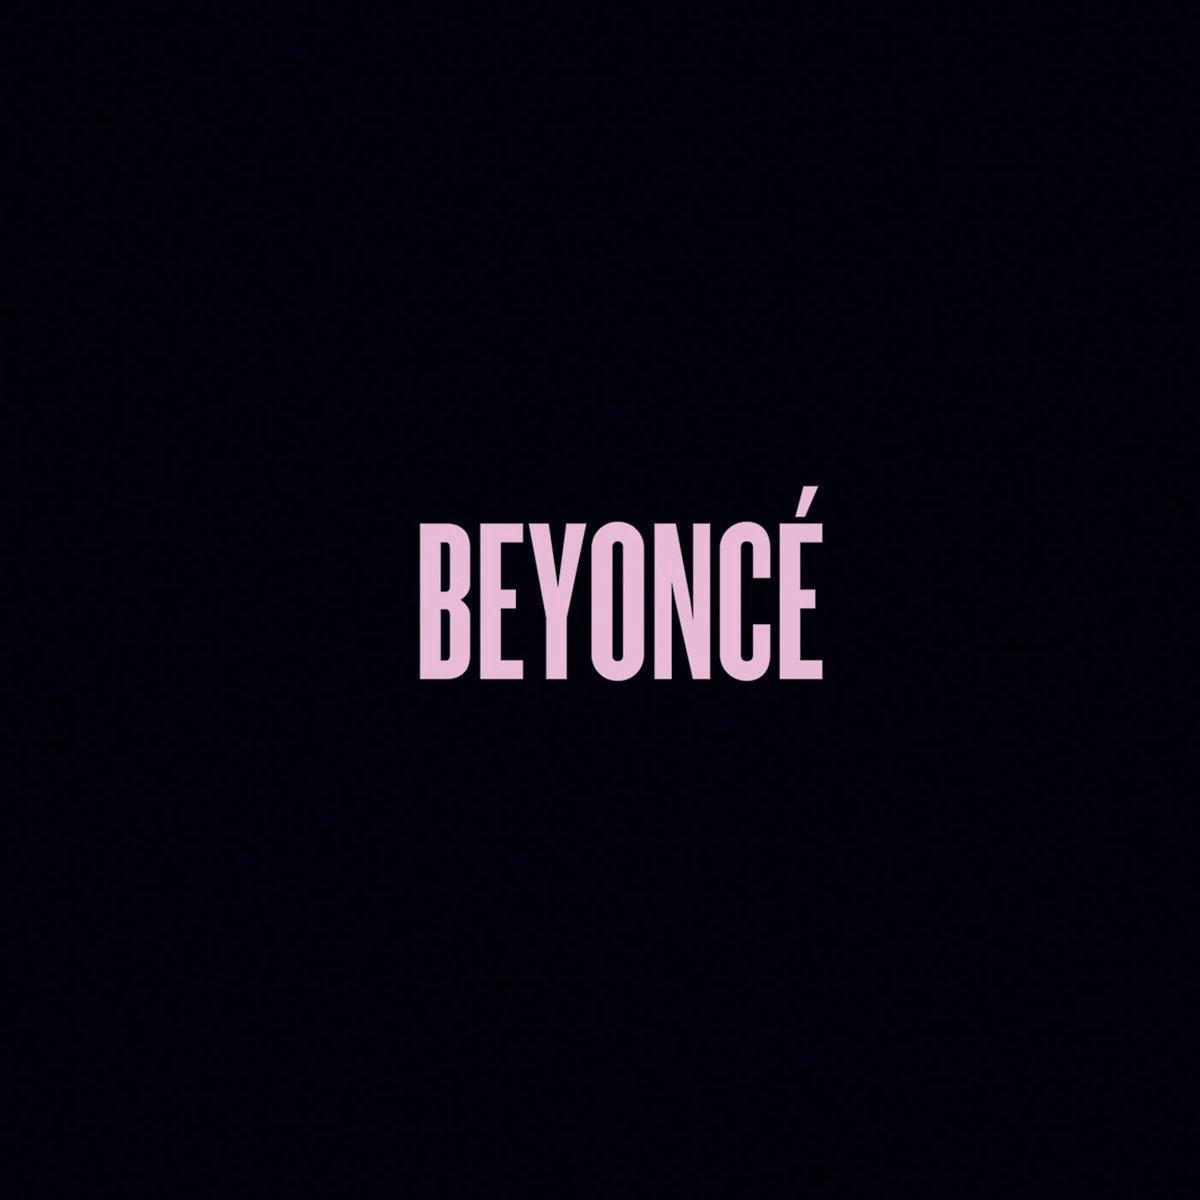 Beyonce 2Lp + Dvd (180 G Vinyl, Download, Gatefold - Beyoncé